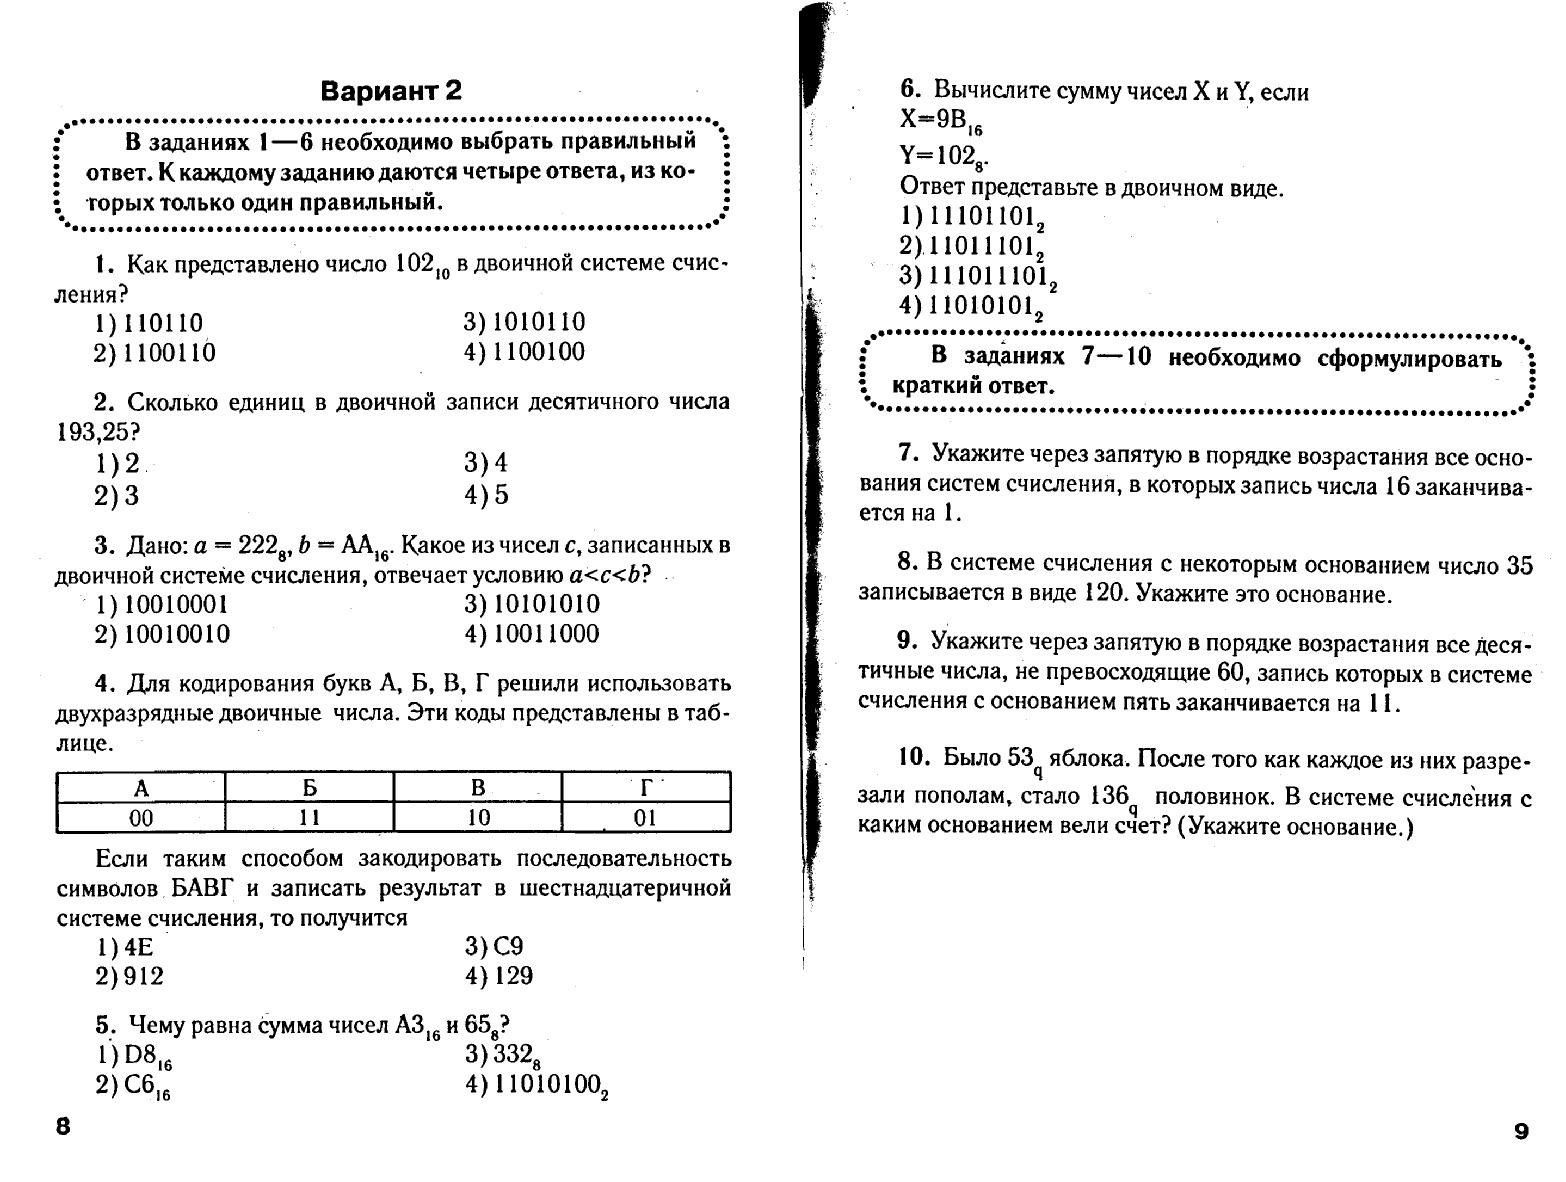 Тест кодирование и обработка текстовой информации 9 класс